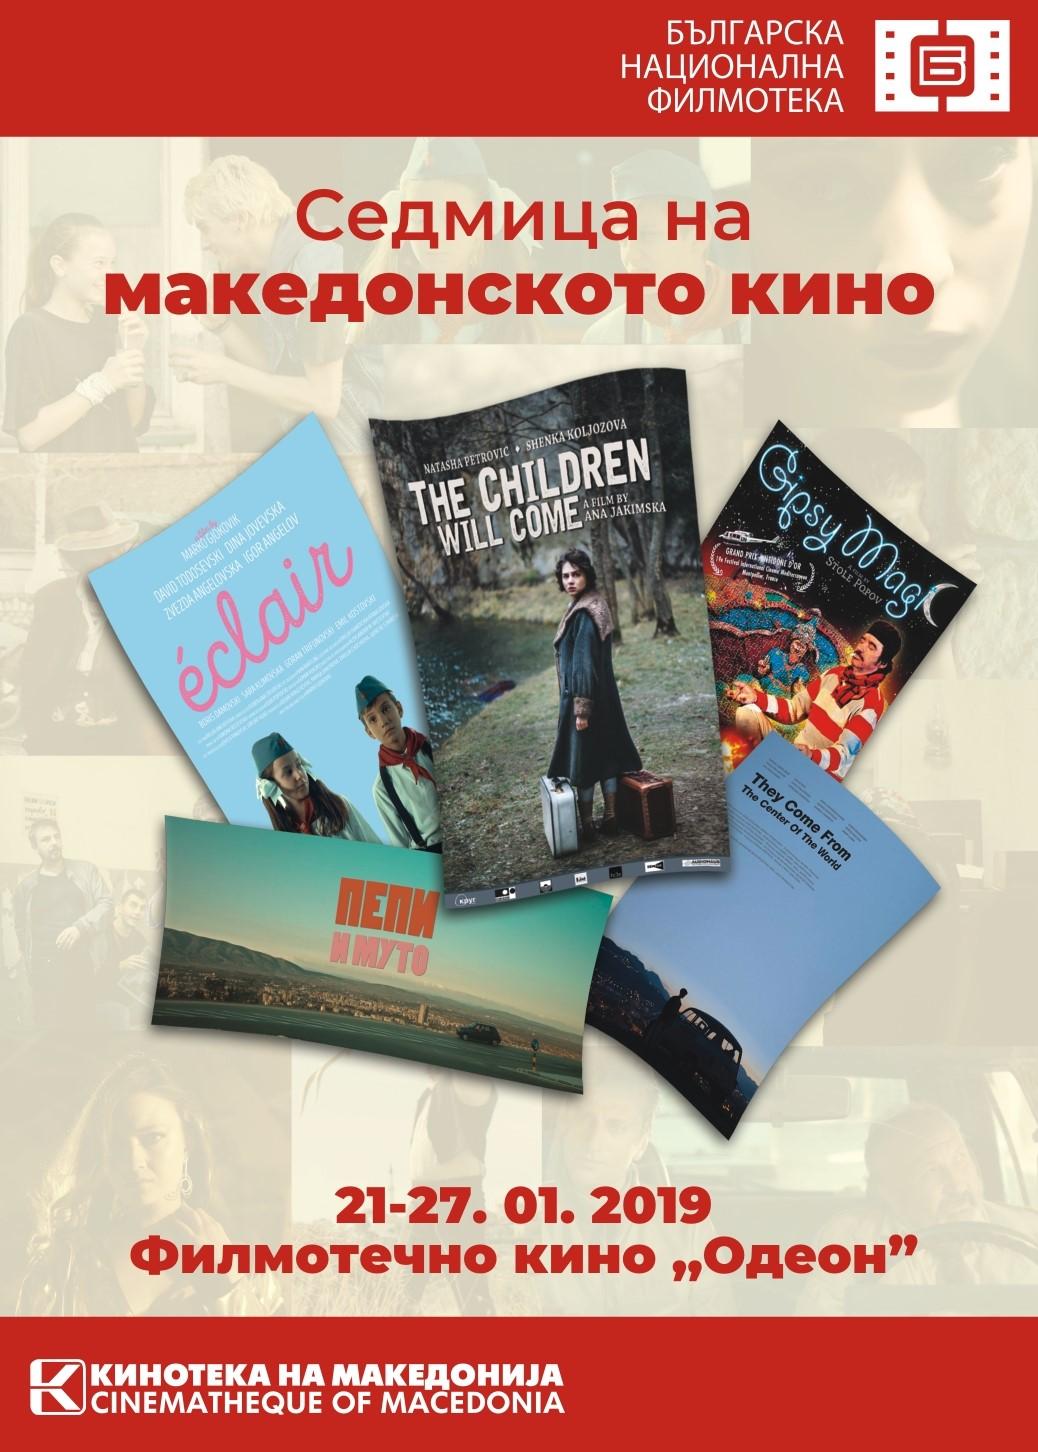 НЕДЕЛА НА МАКЕДОНСКИОТ ФИЛМ ВО СОФИЈА (21-27. 01. 2019)